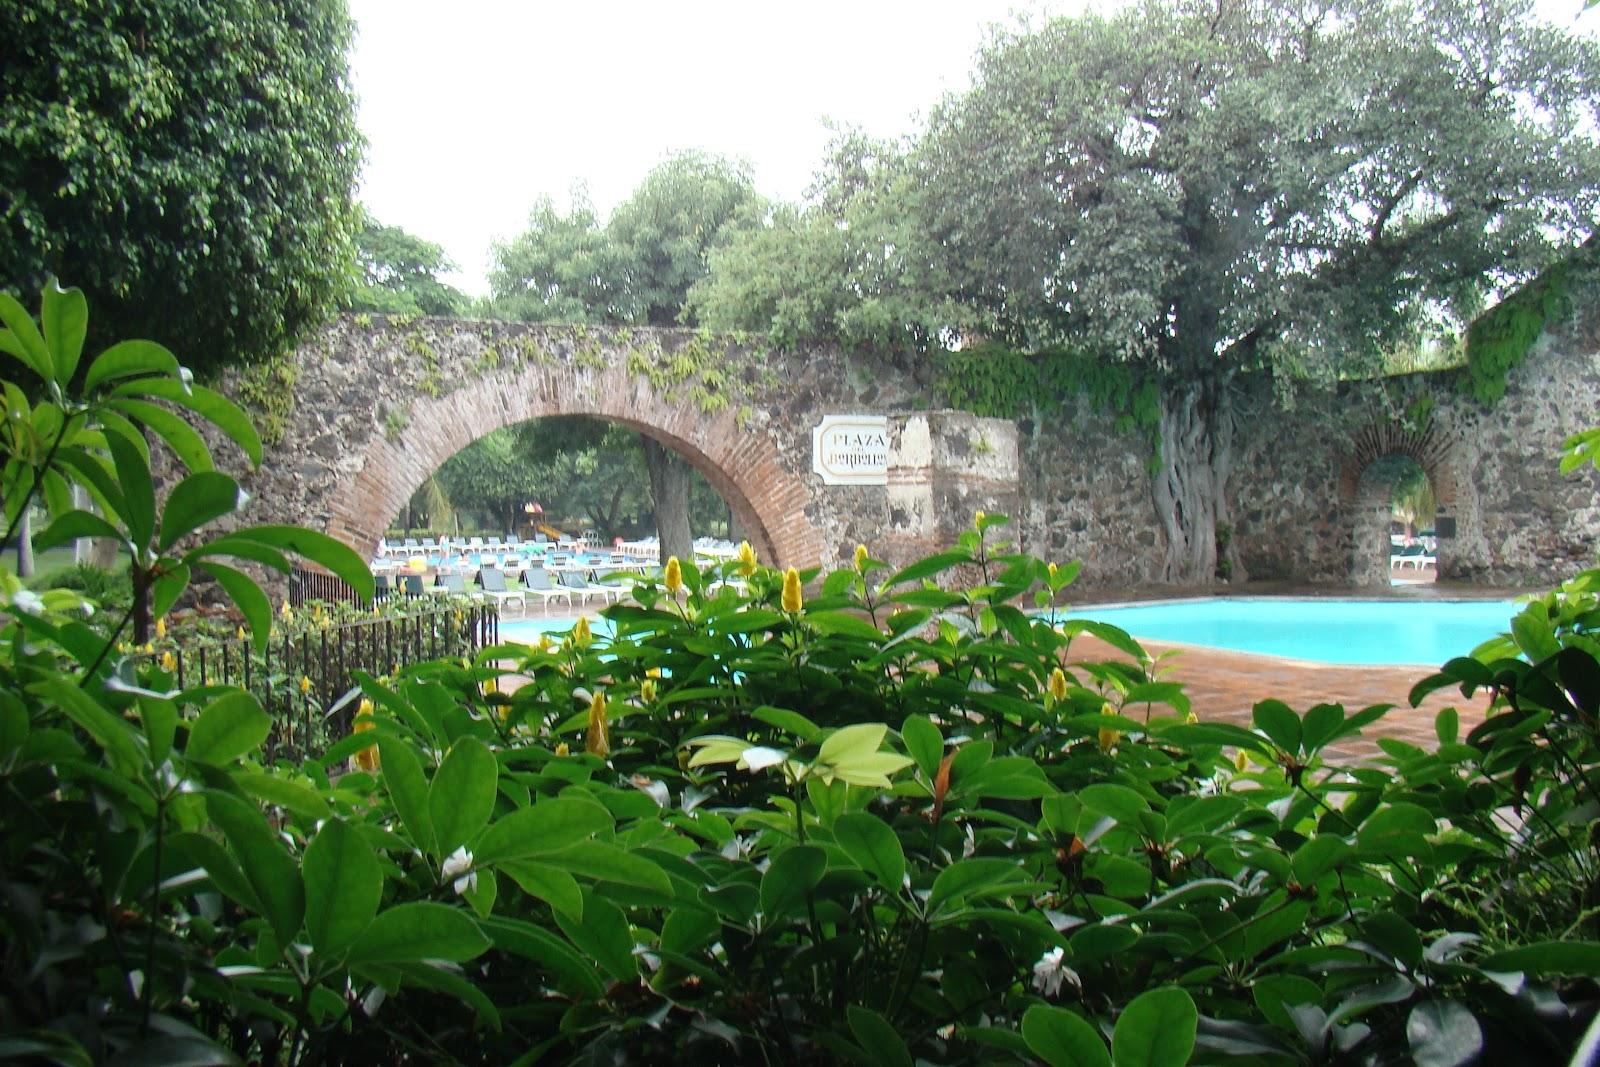 H ctor manuel garc a caballero veterinario morelos sede for 7 jardines guanajuato